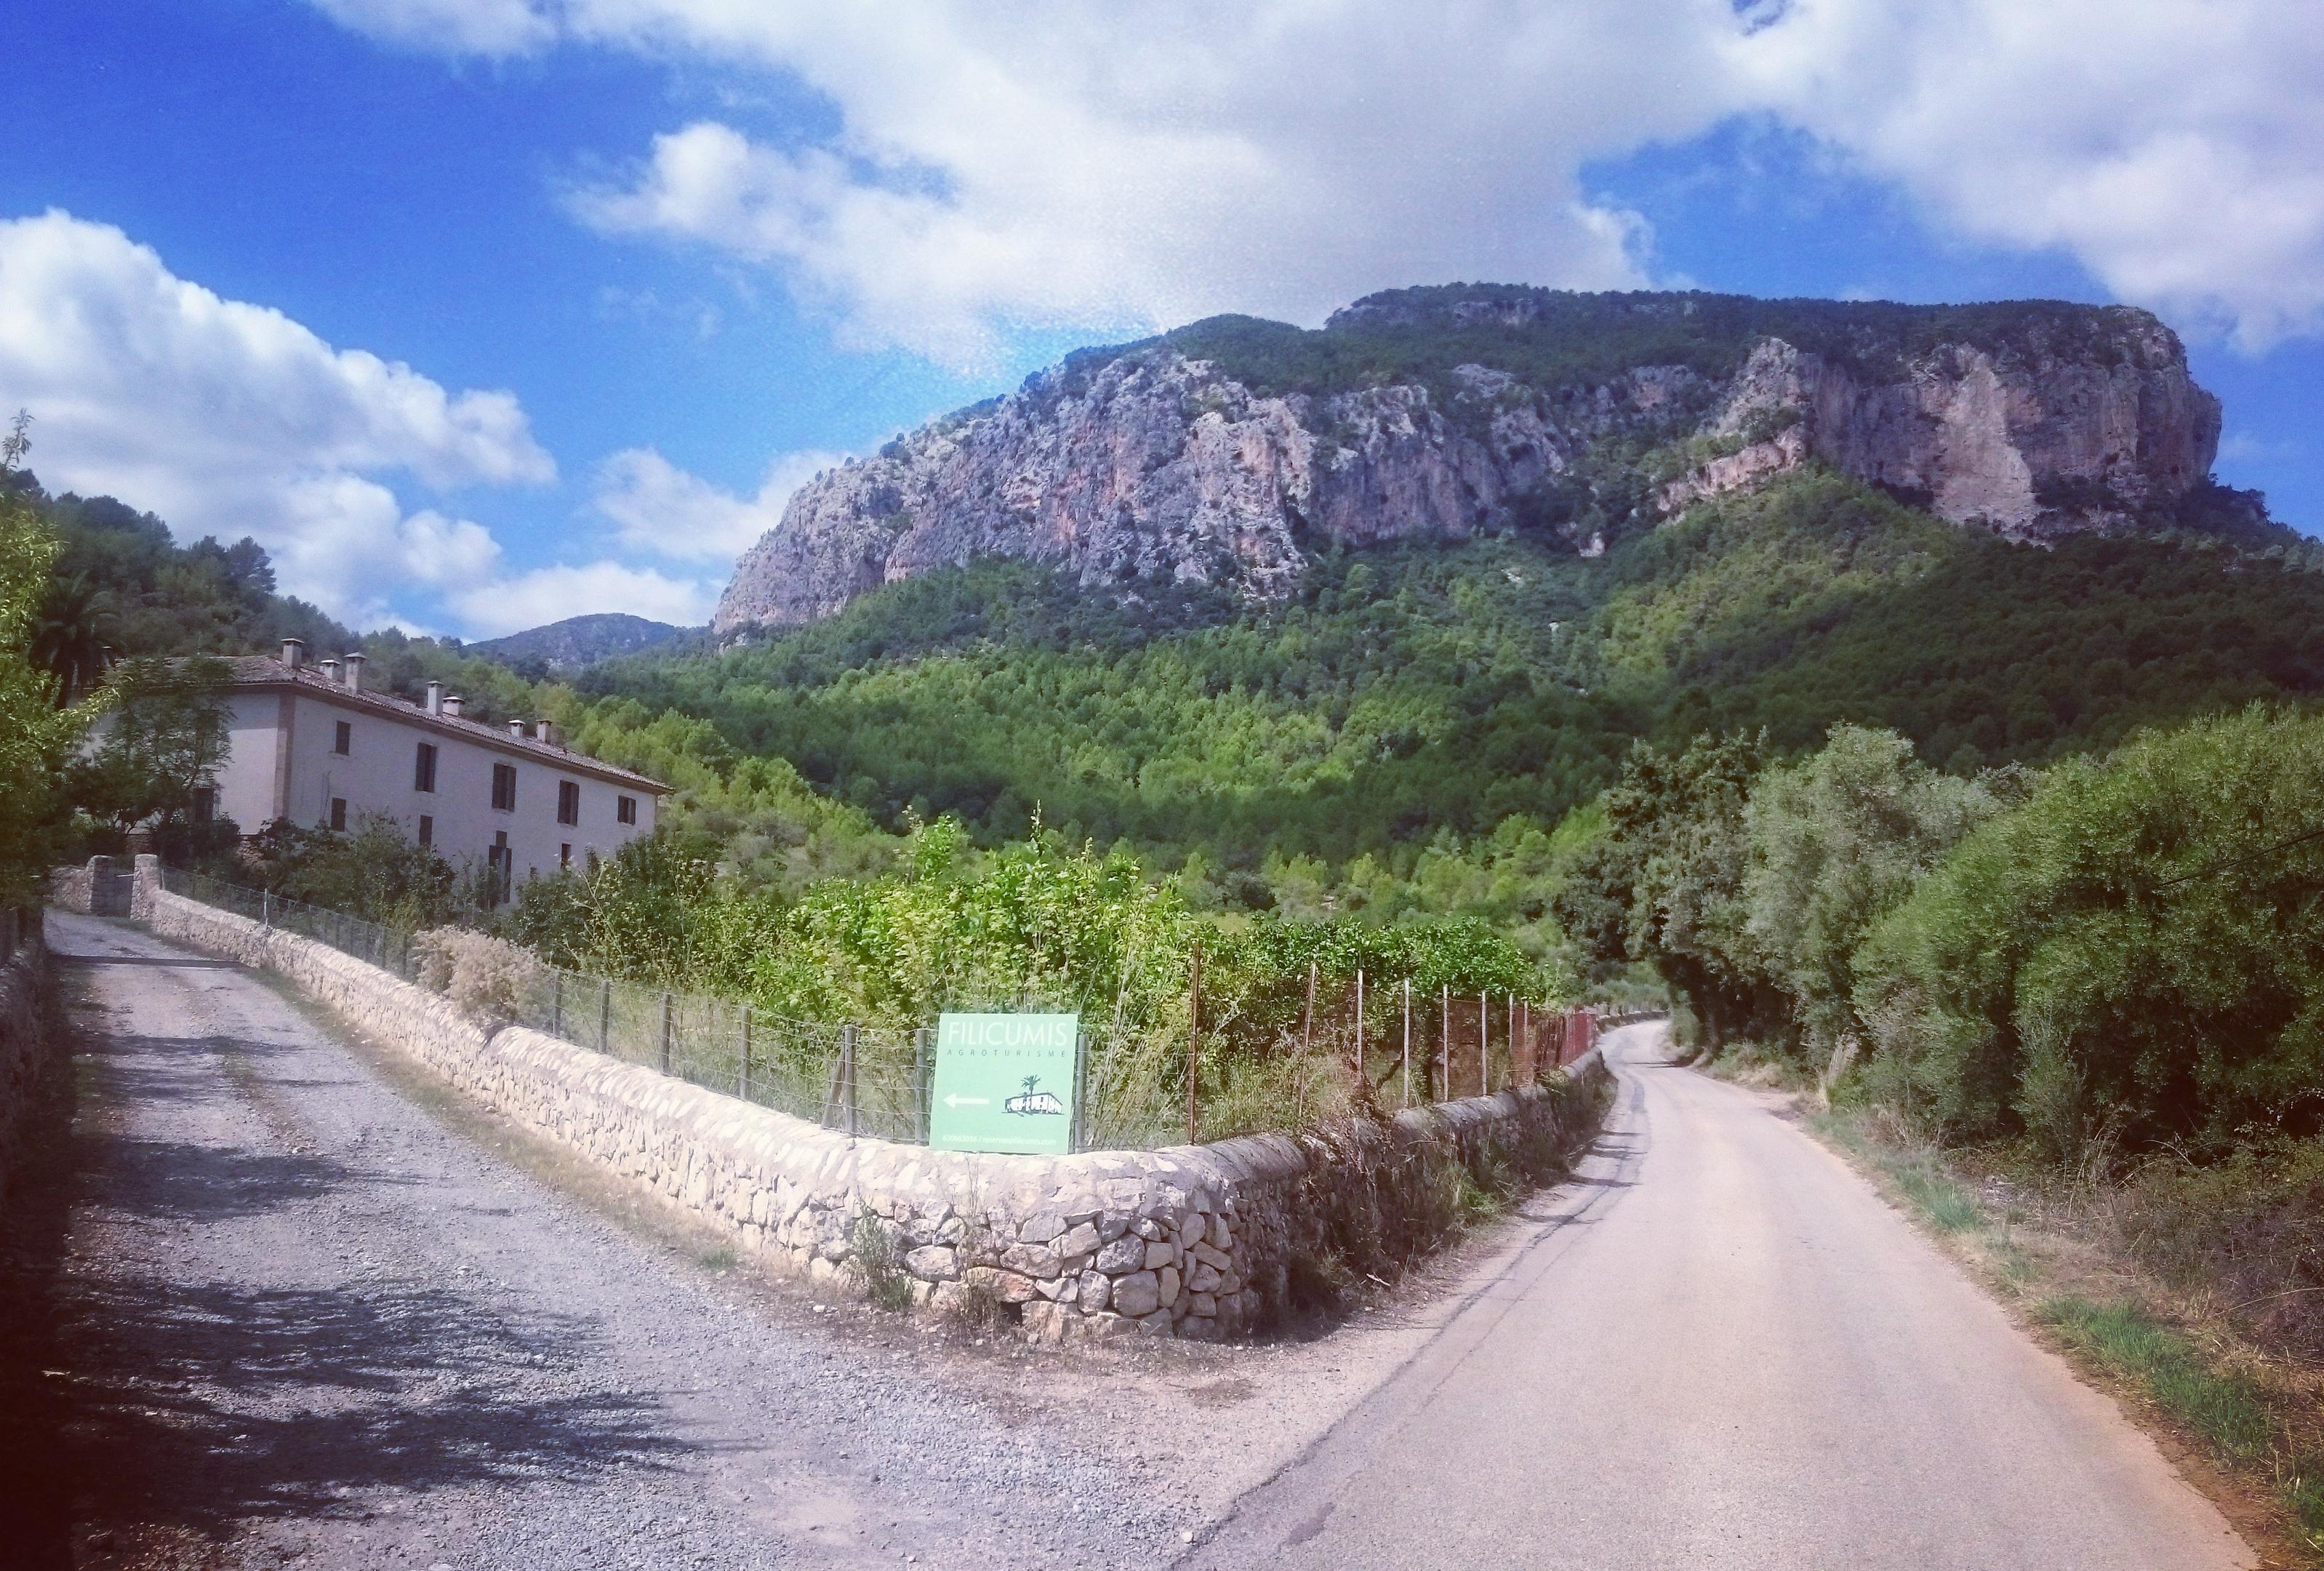 Puig Alcadena